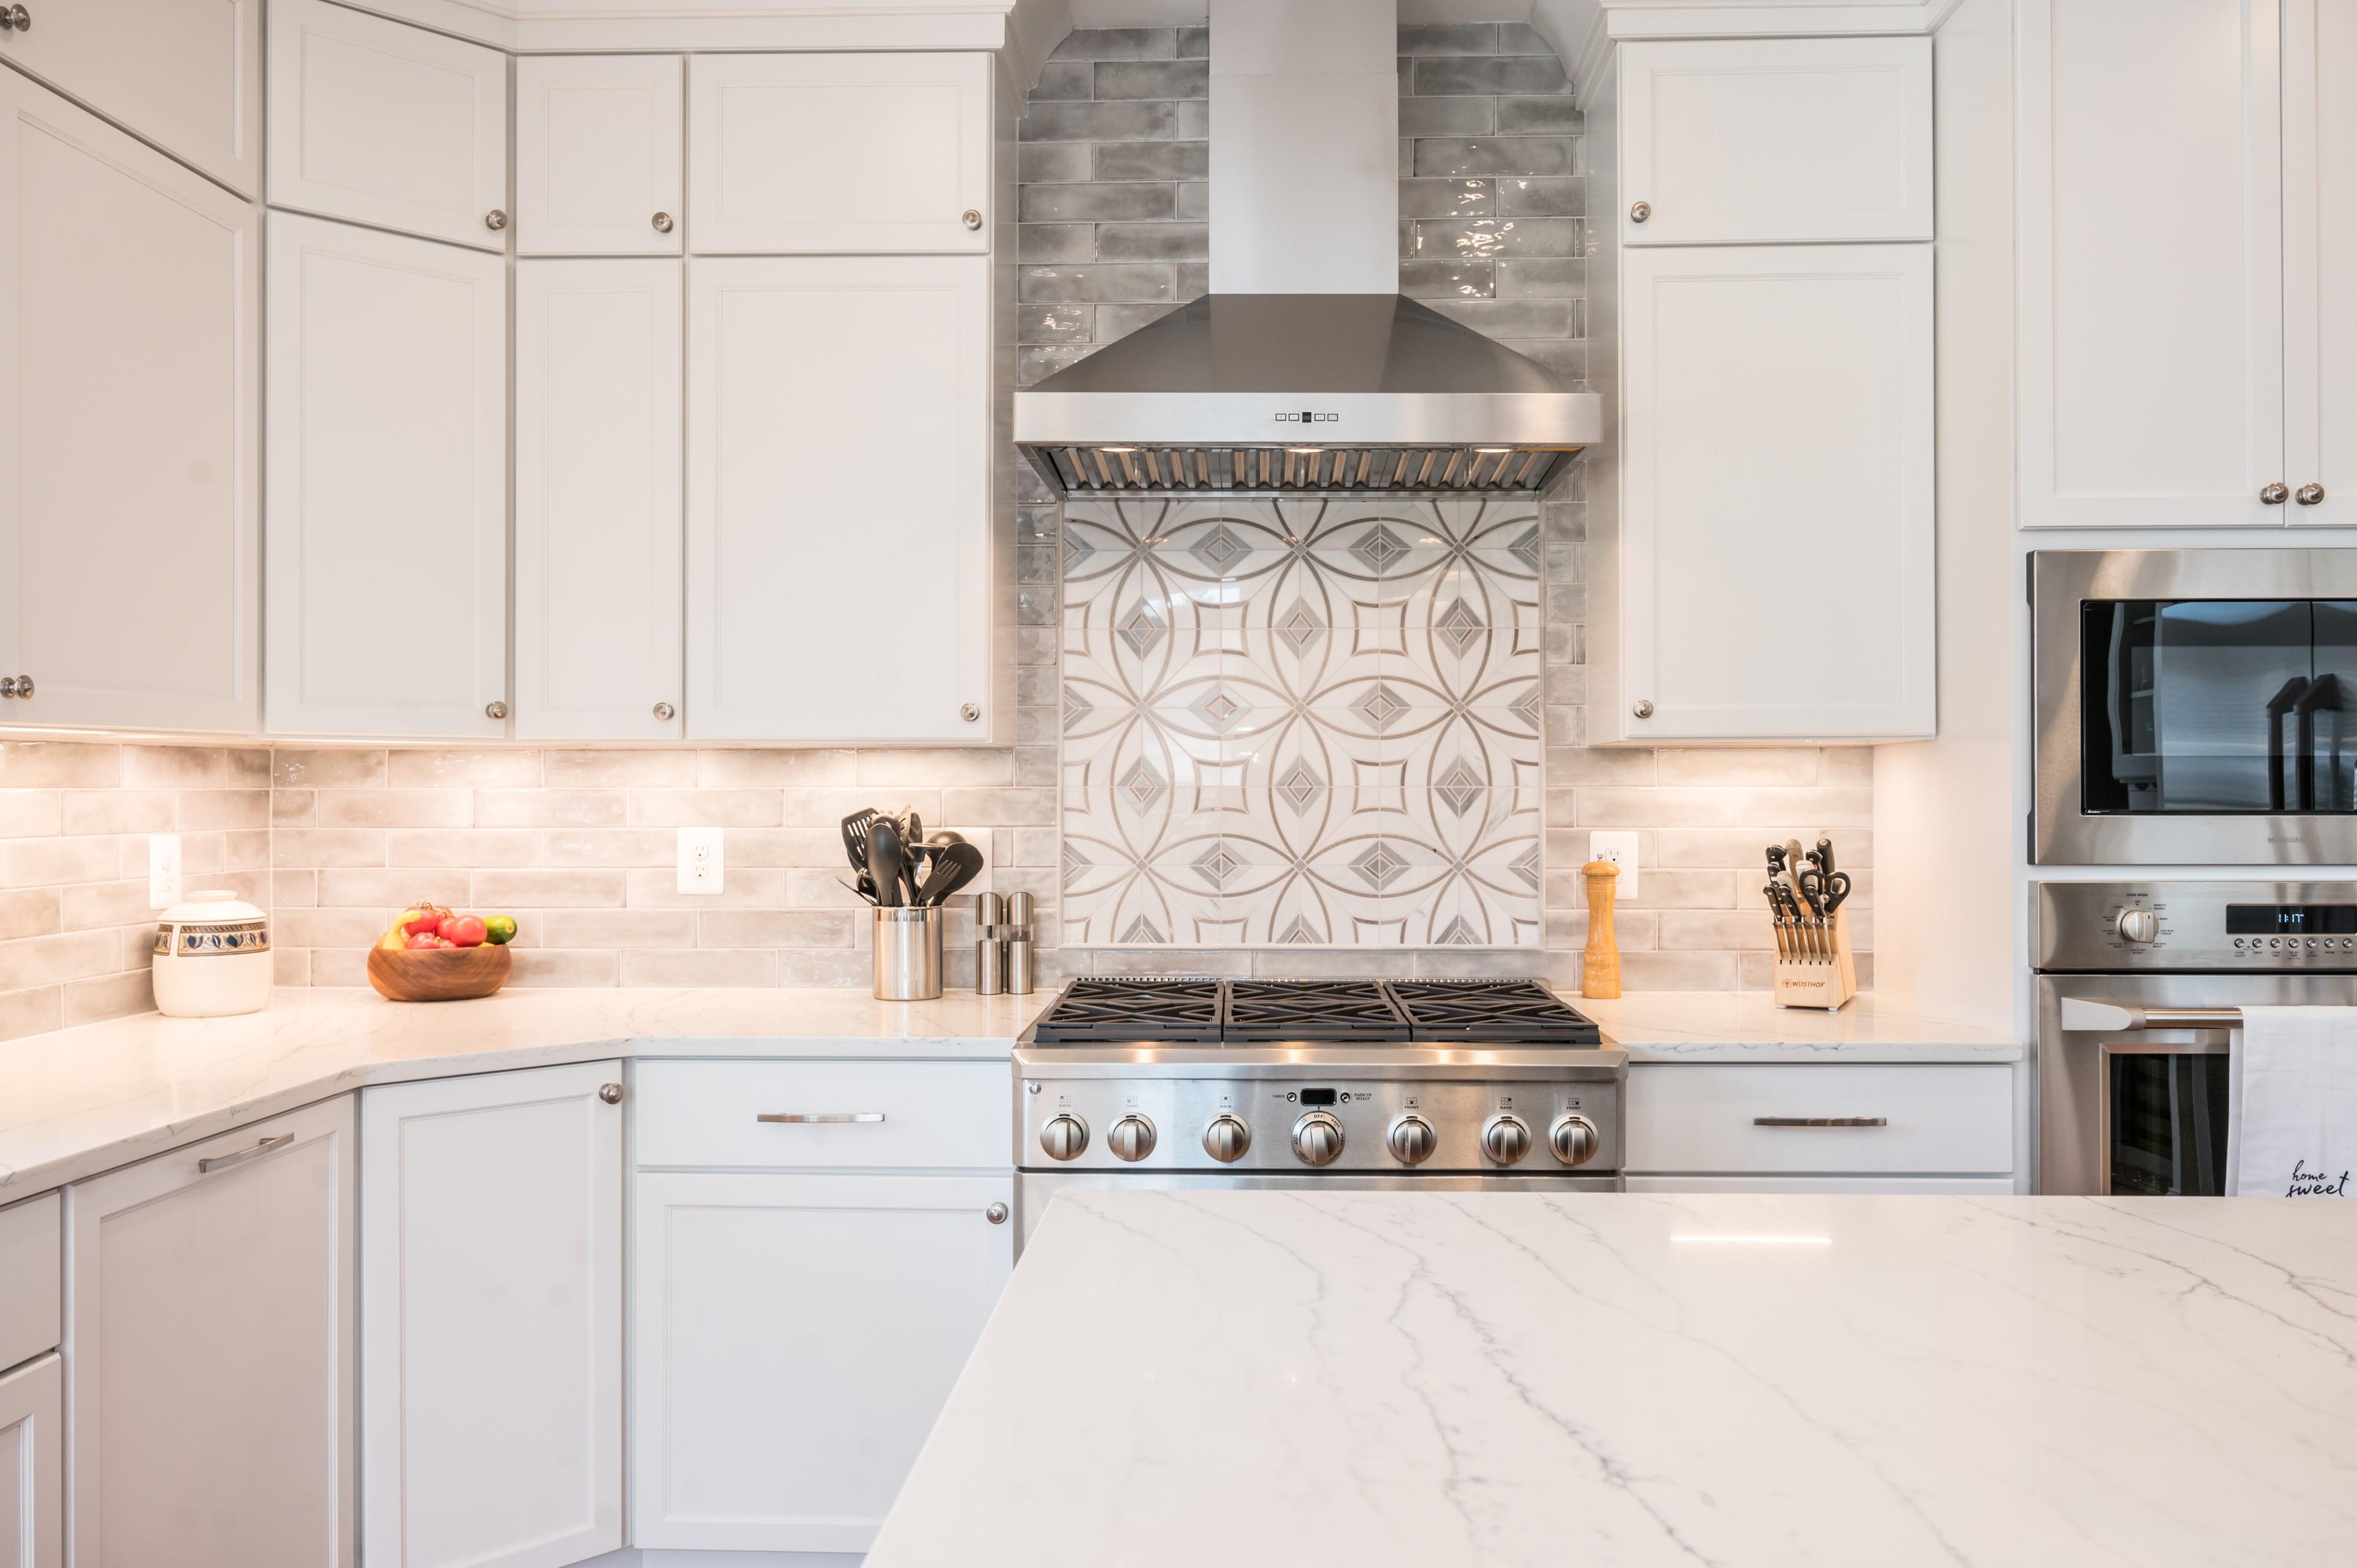 Backsplash tile marble inset with gray subway